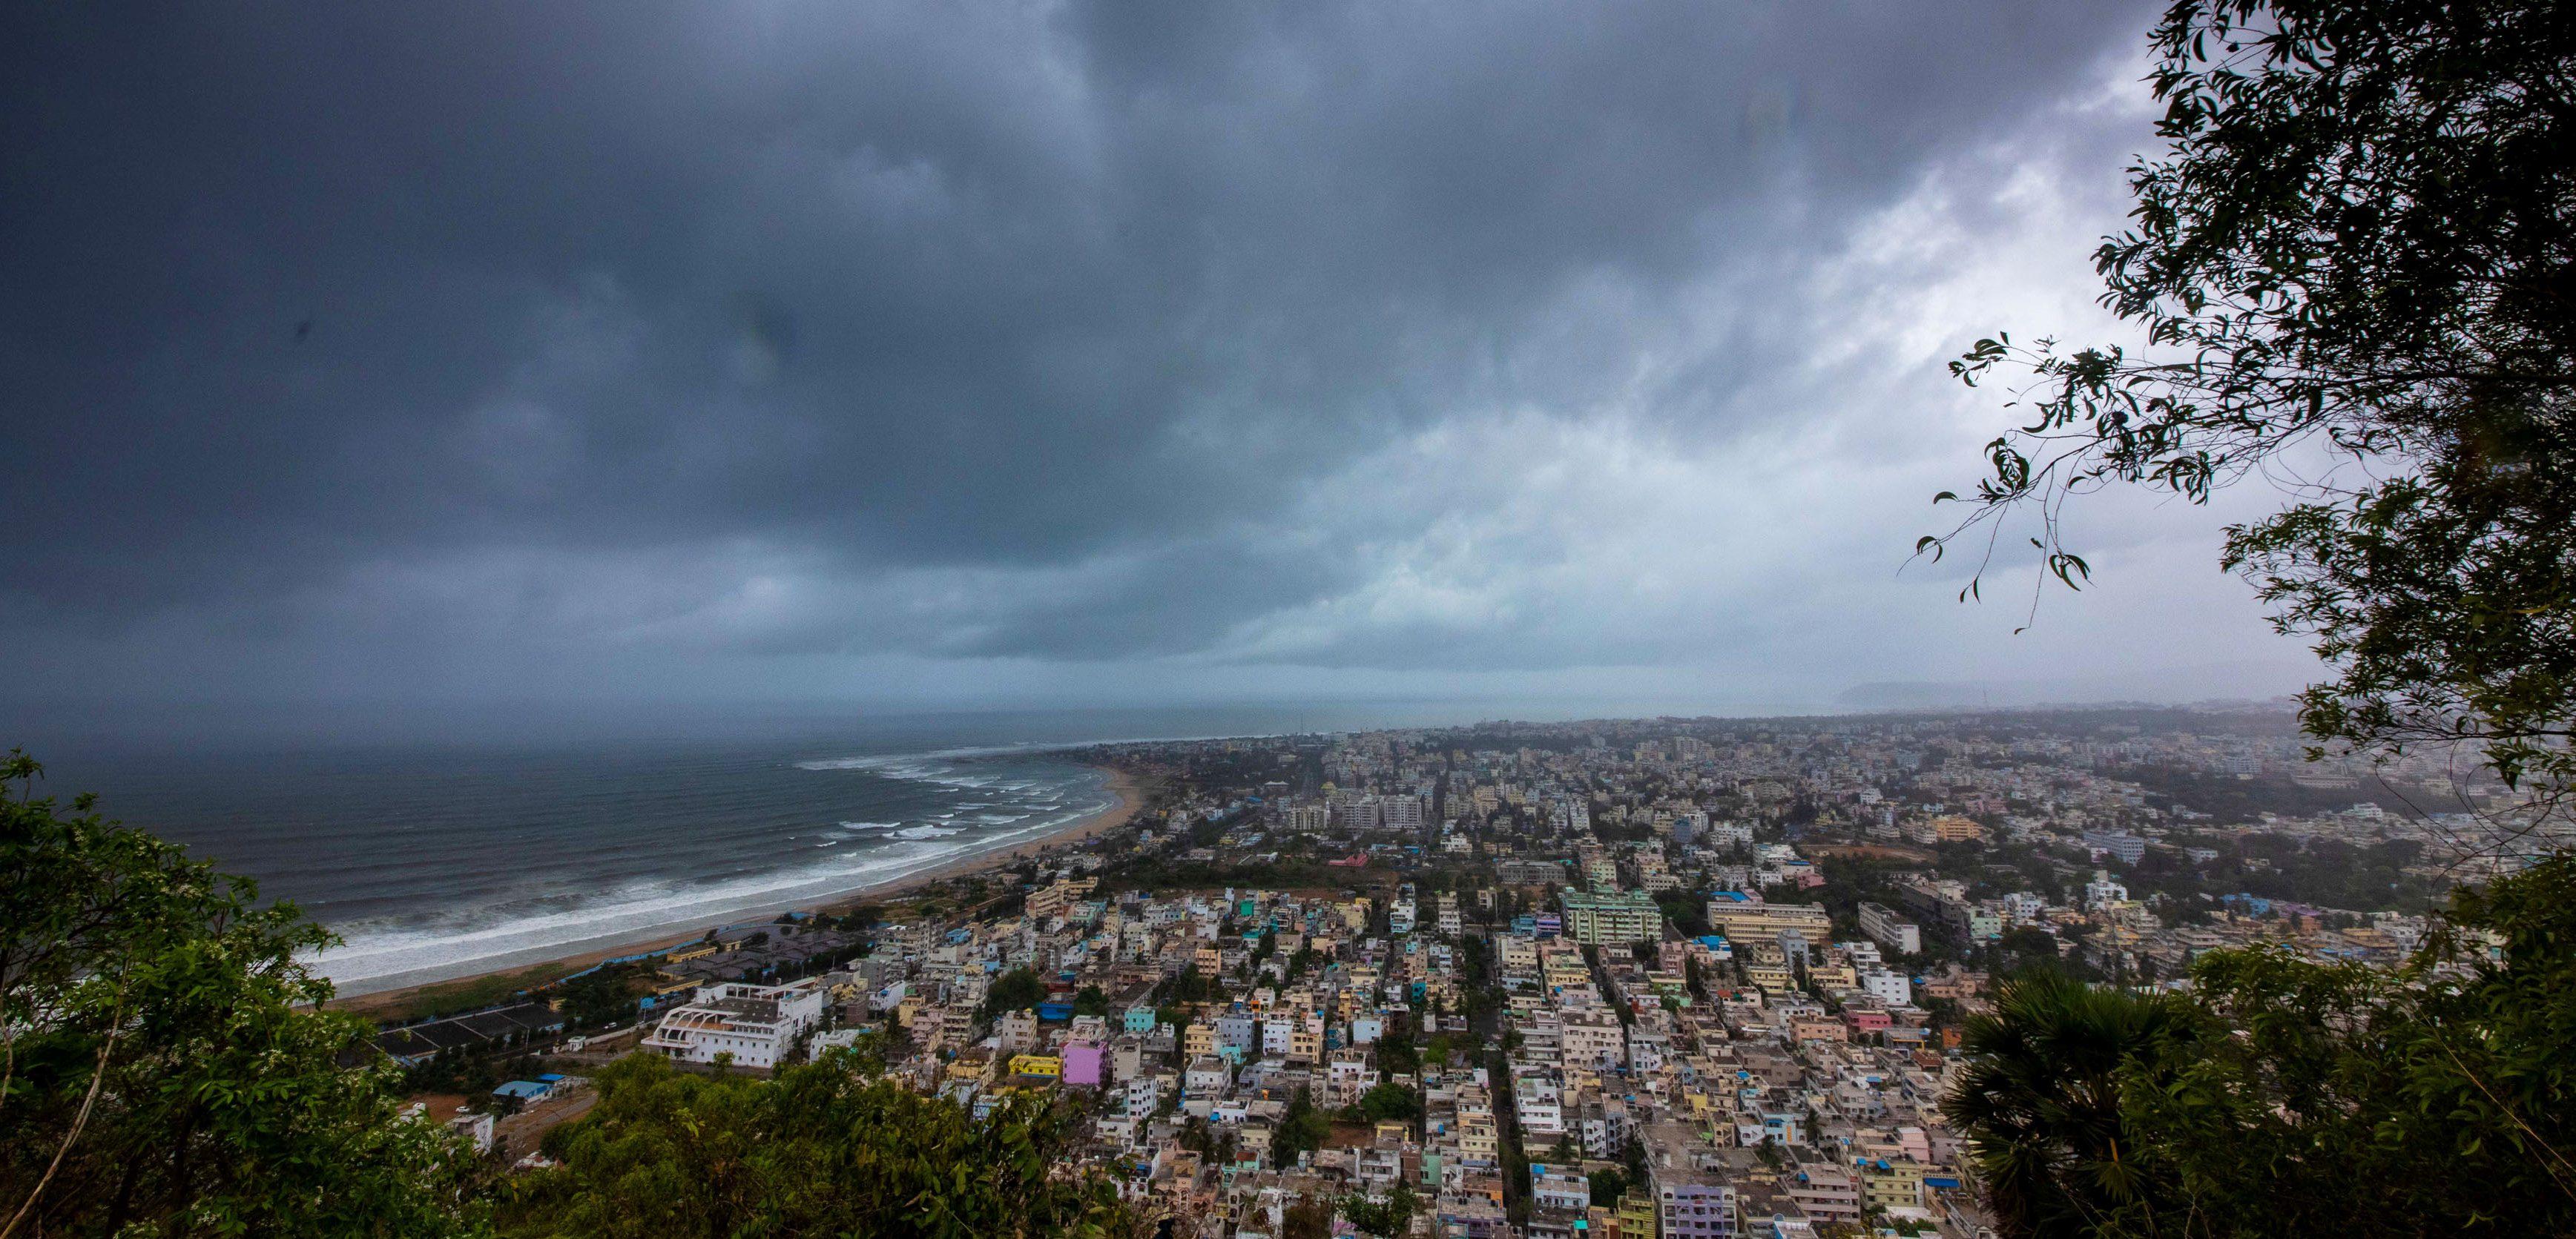 India-Cyclone-Fani